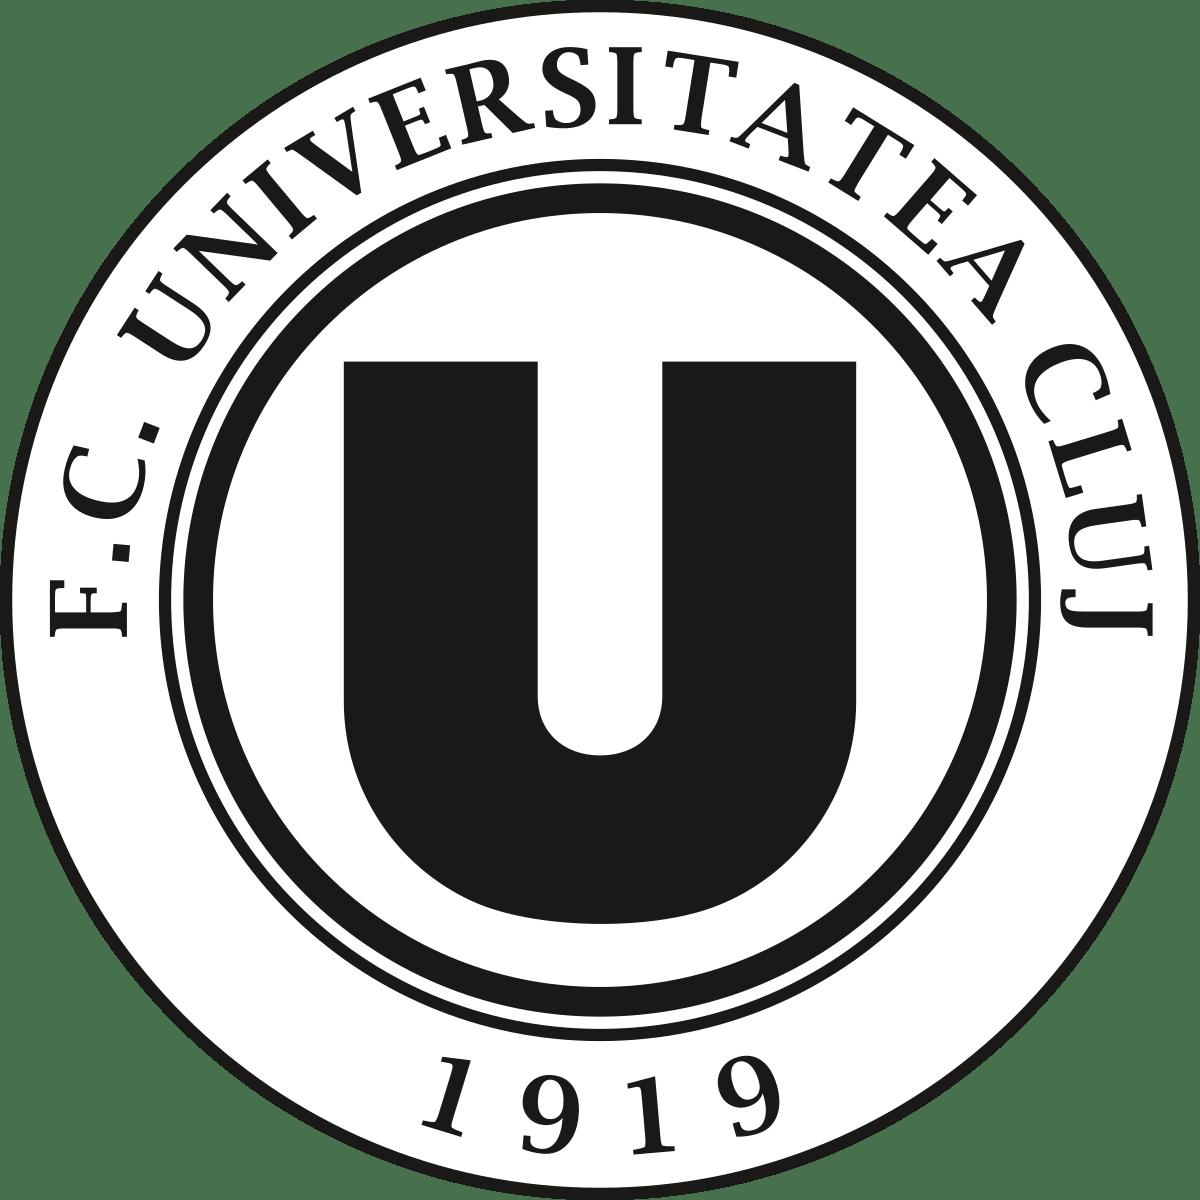 Universitatea Cluj urca pe loc de play off, Universitatea Cluj urca pe loc de play off castigand greu cu Viitorul Pandurii., Stiri Turda - MinaDeStiri